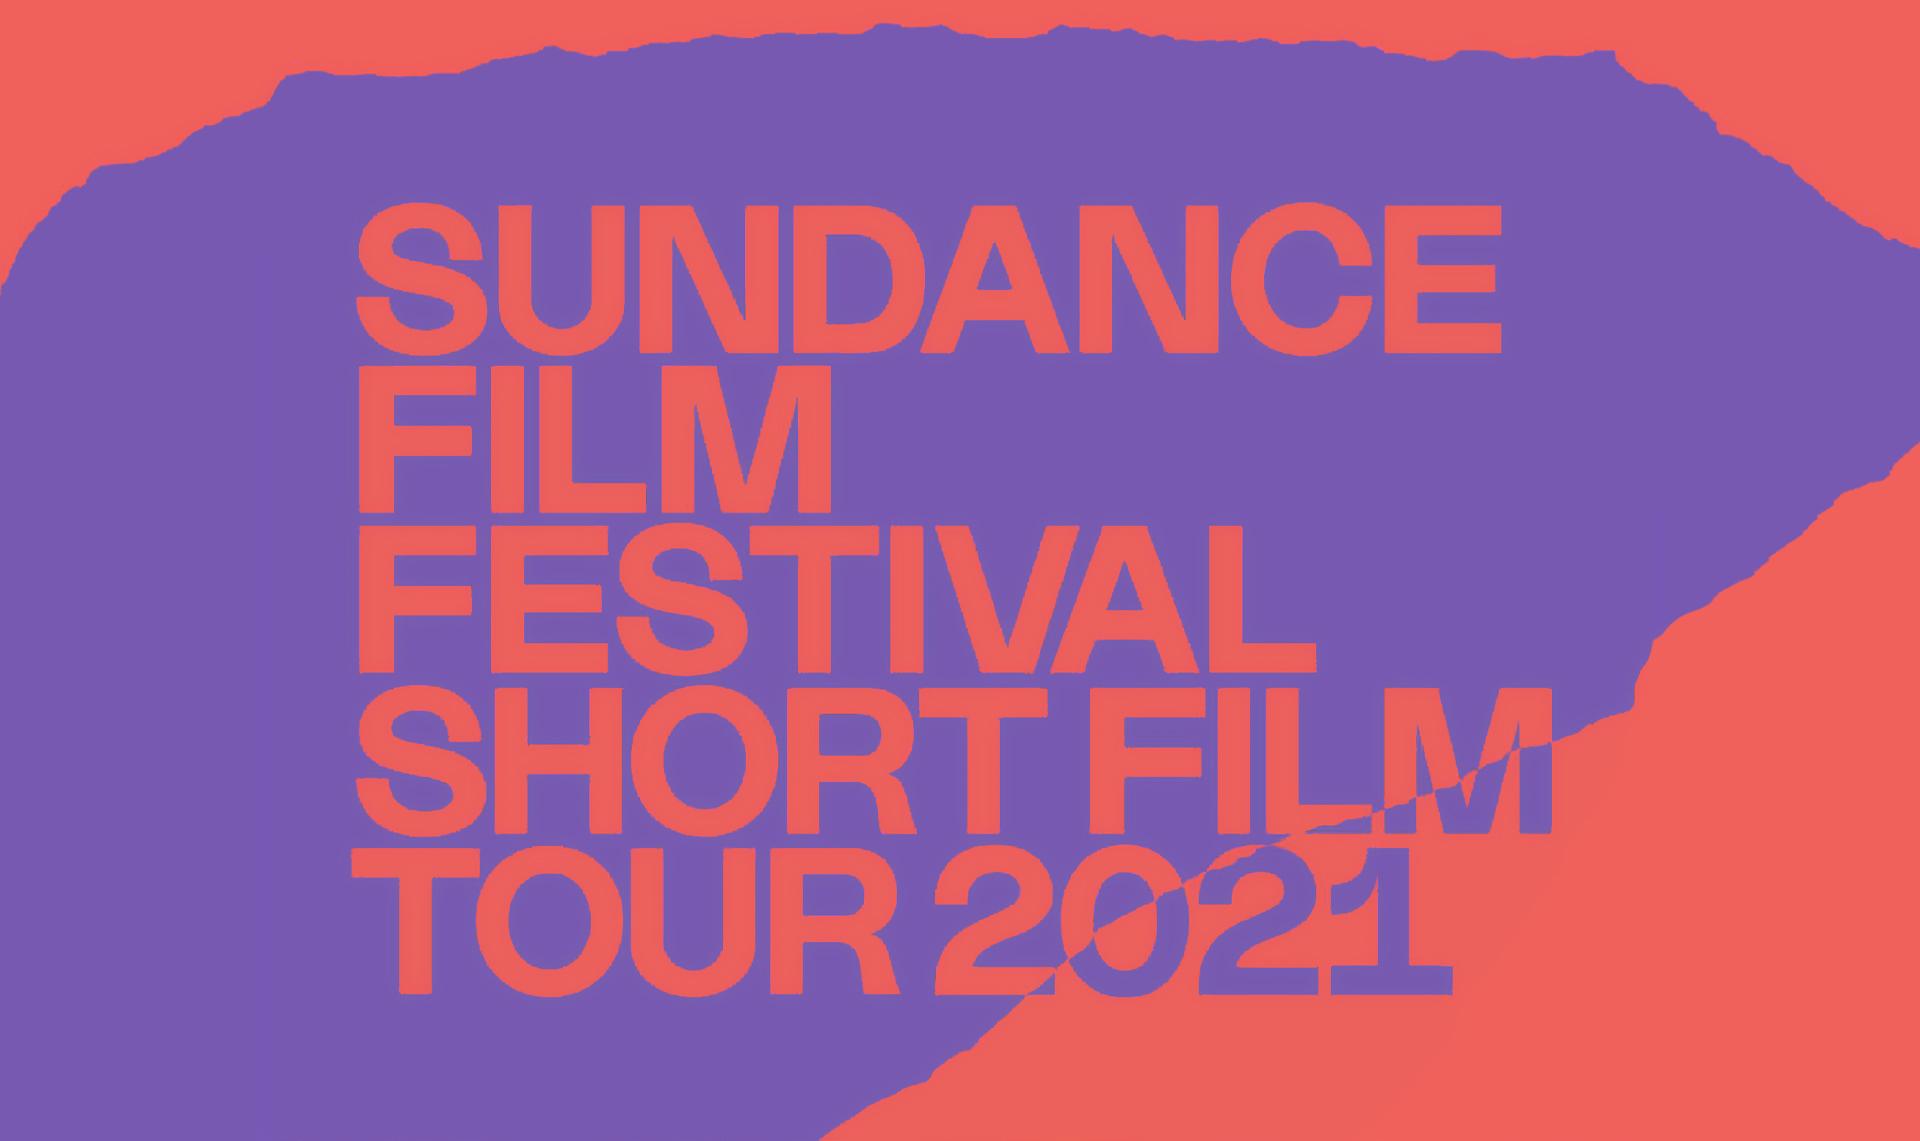 2021 Sundance Film Festival Short Film Tour